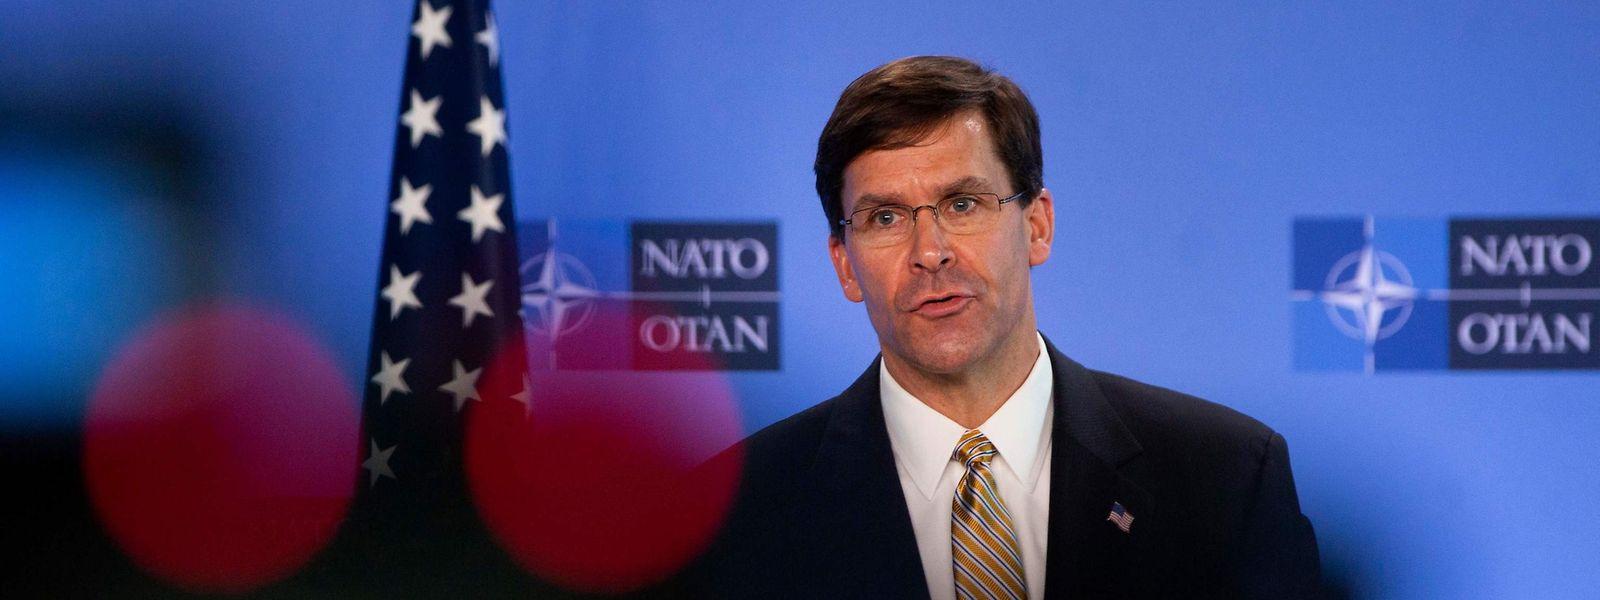 US-Verteidigungsminister Mark Esper bei einer NATO-Pressekonferenz.